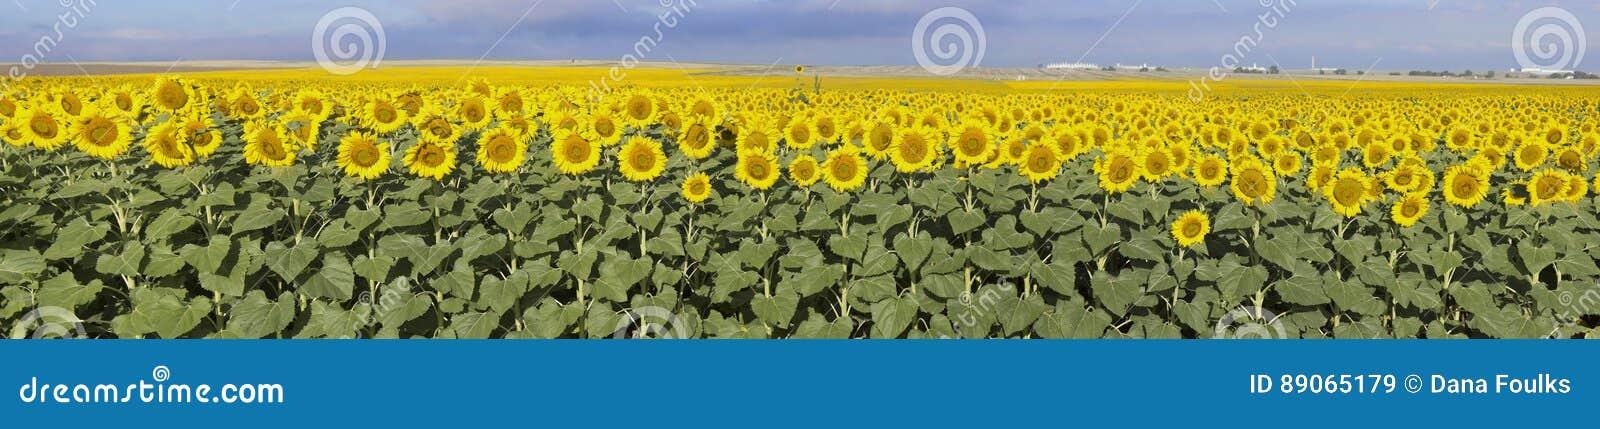 Słonecznika gospodarstwo rolne, Kolorado